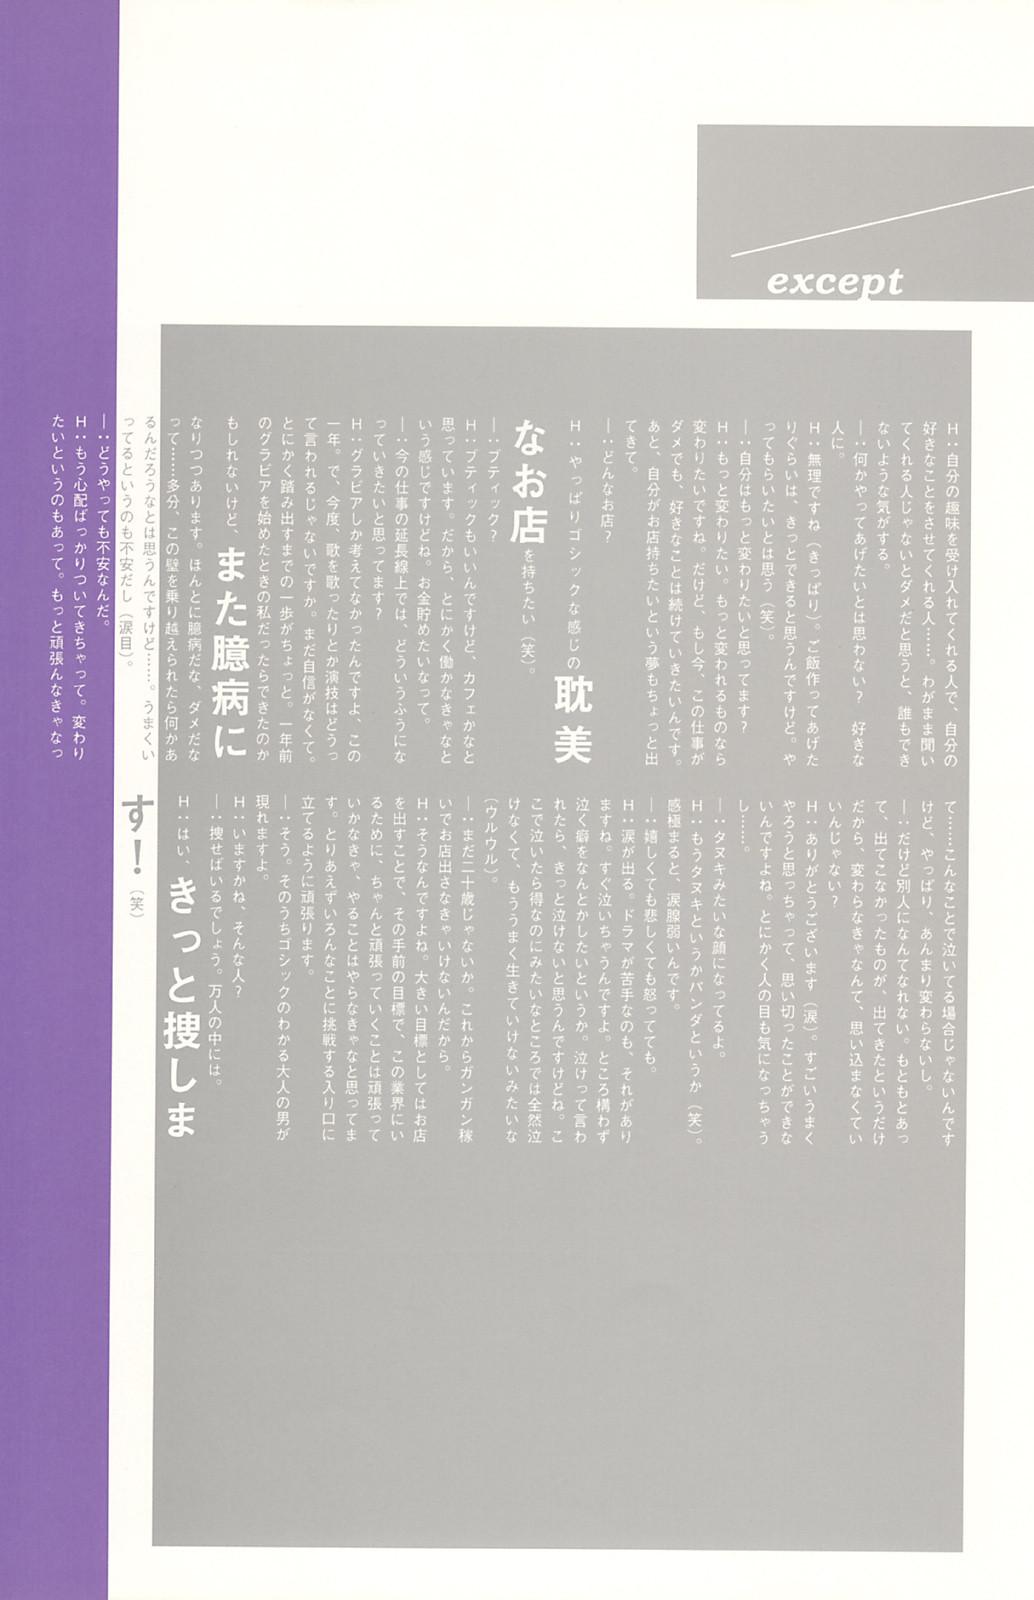 月刊 花井美里 写真集 hanai056